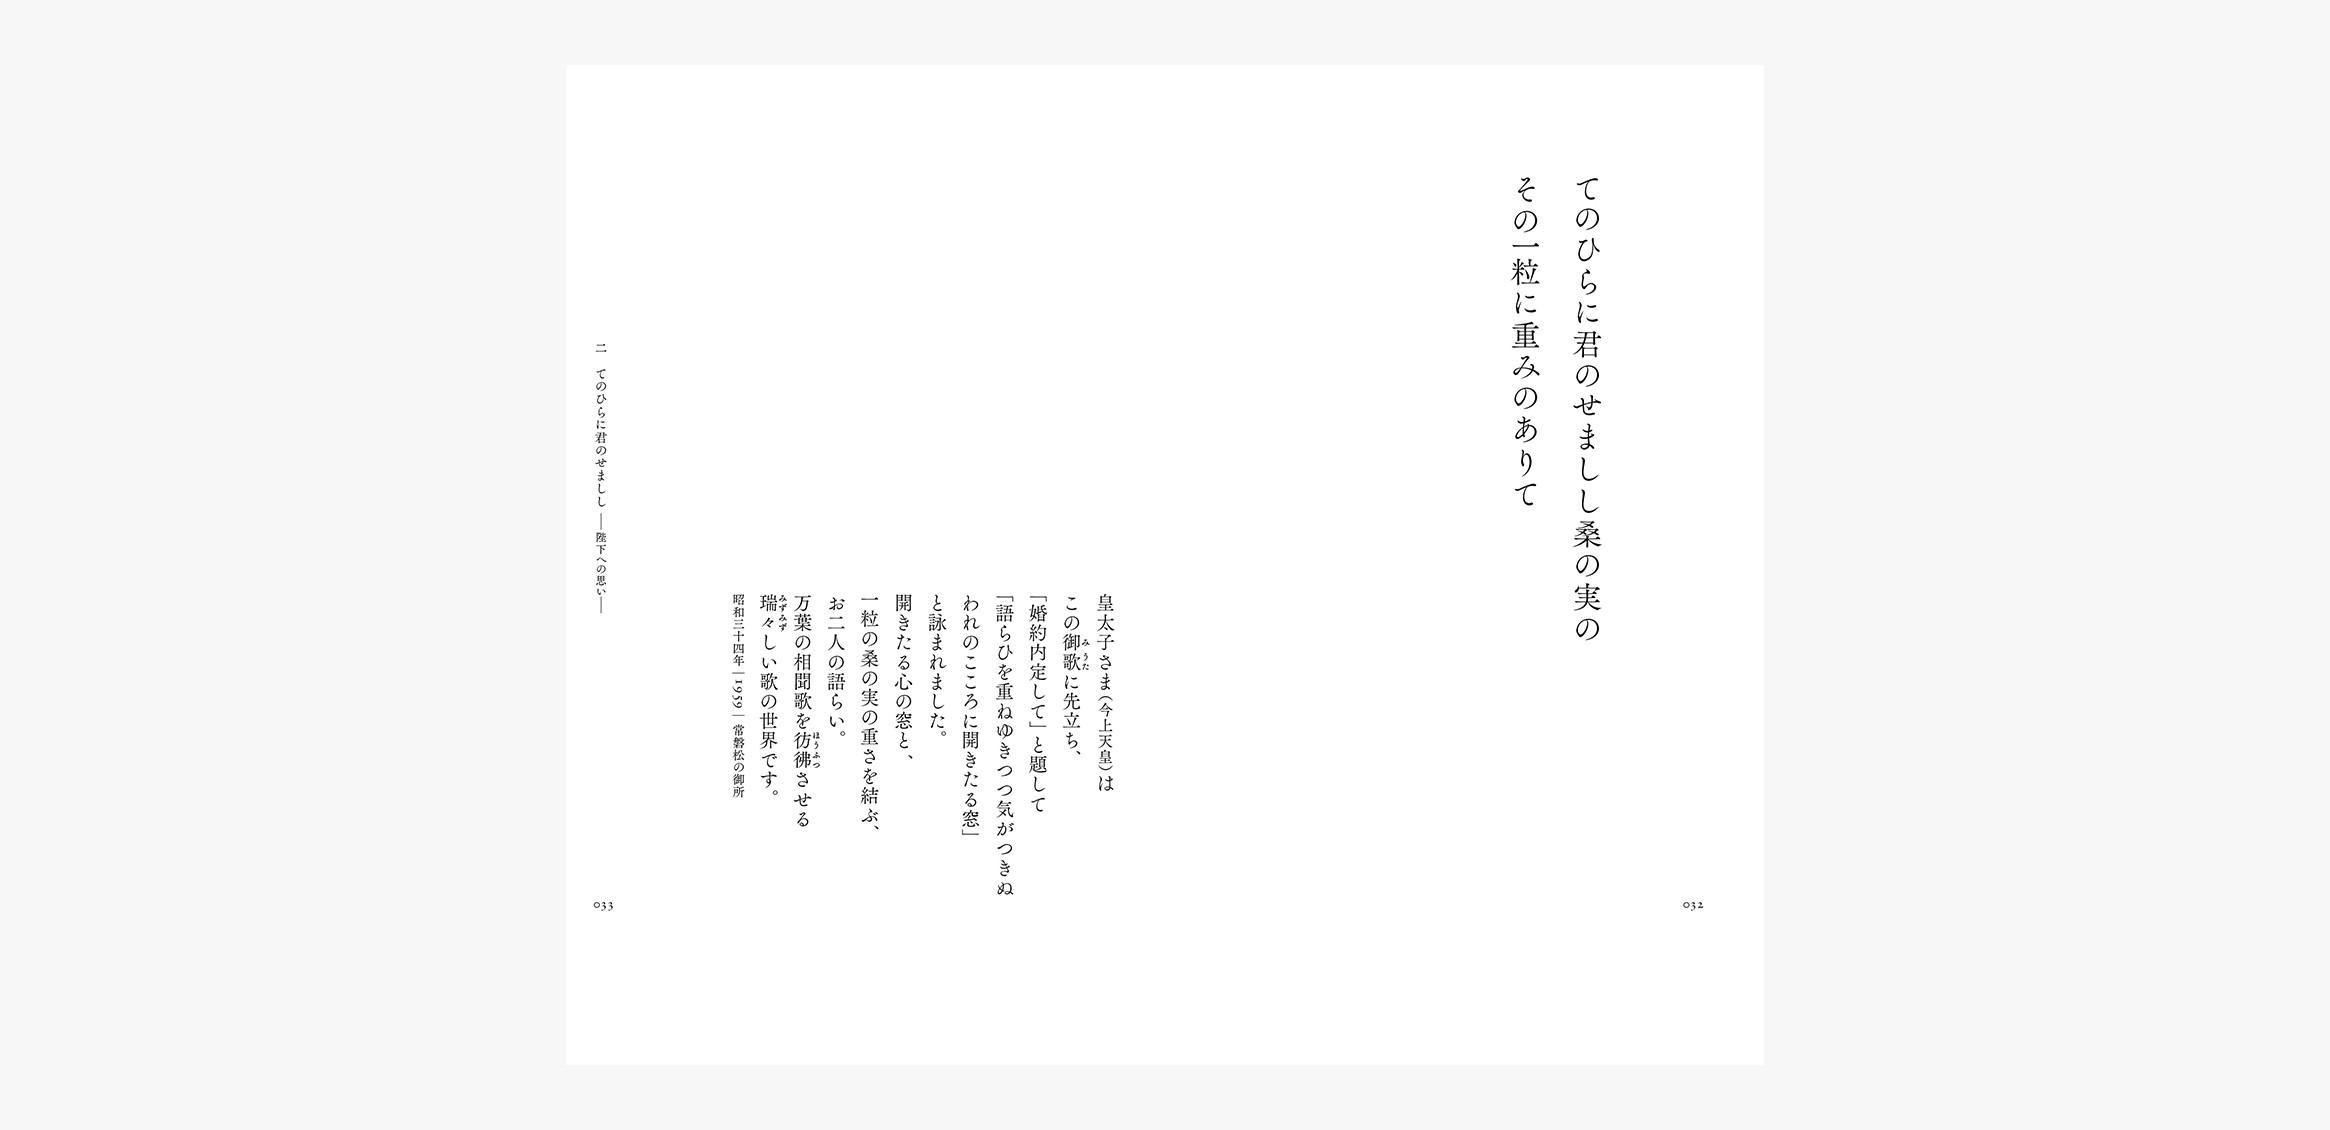 皇后美智子的御歌2枚目